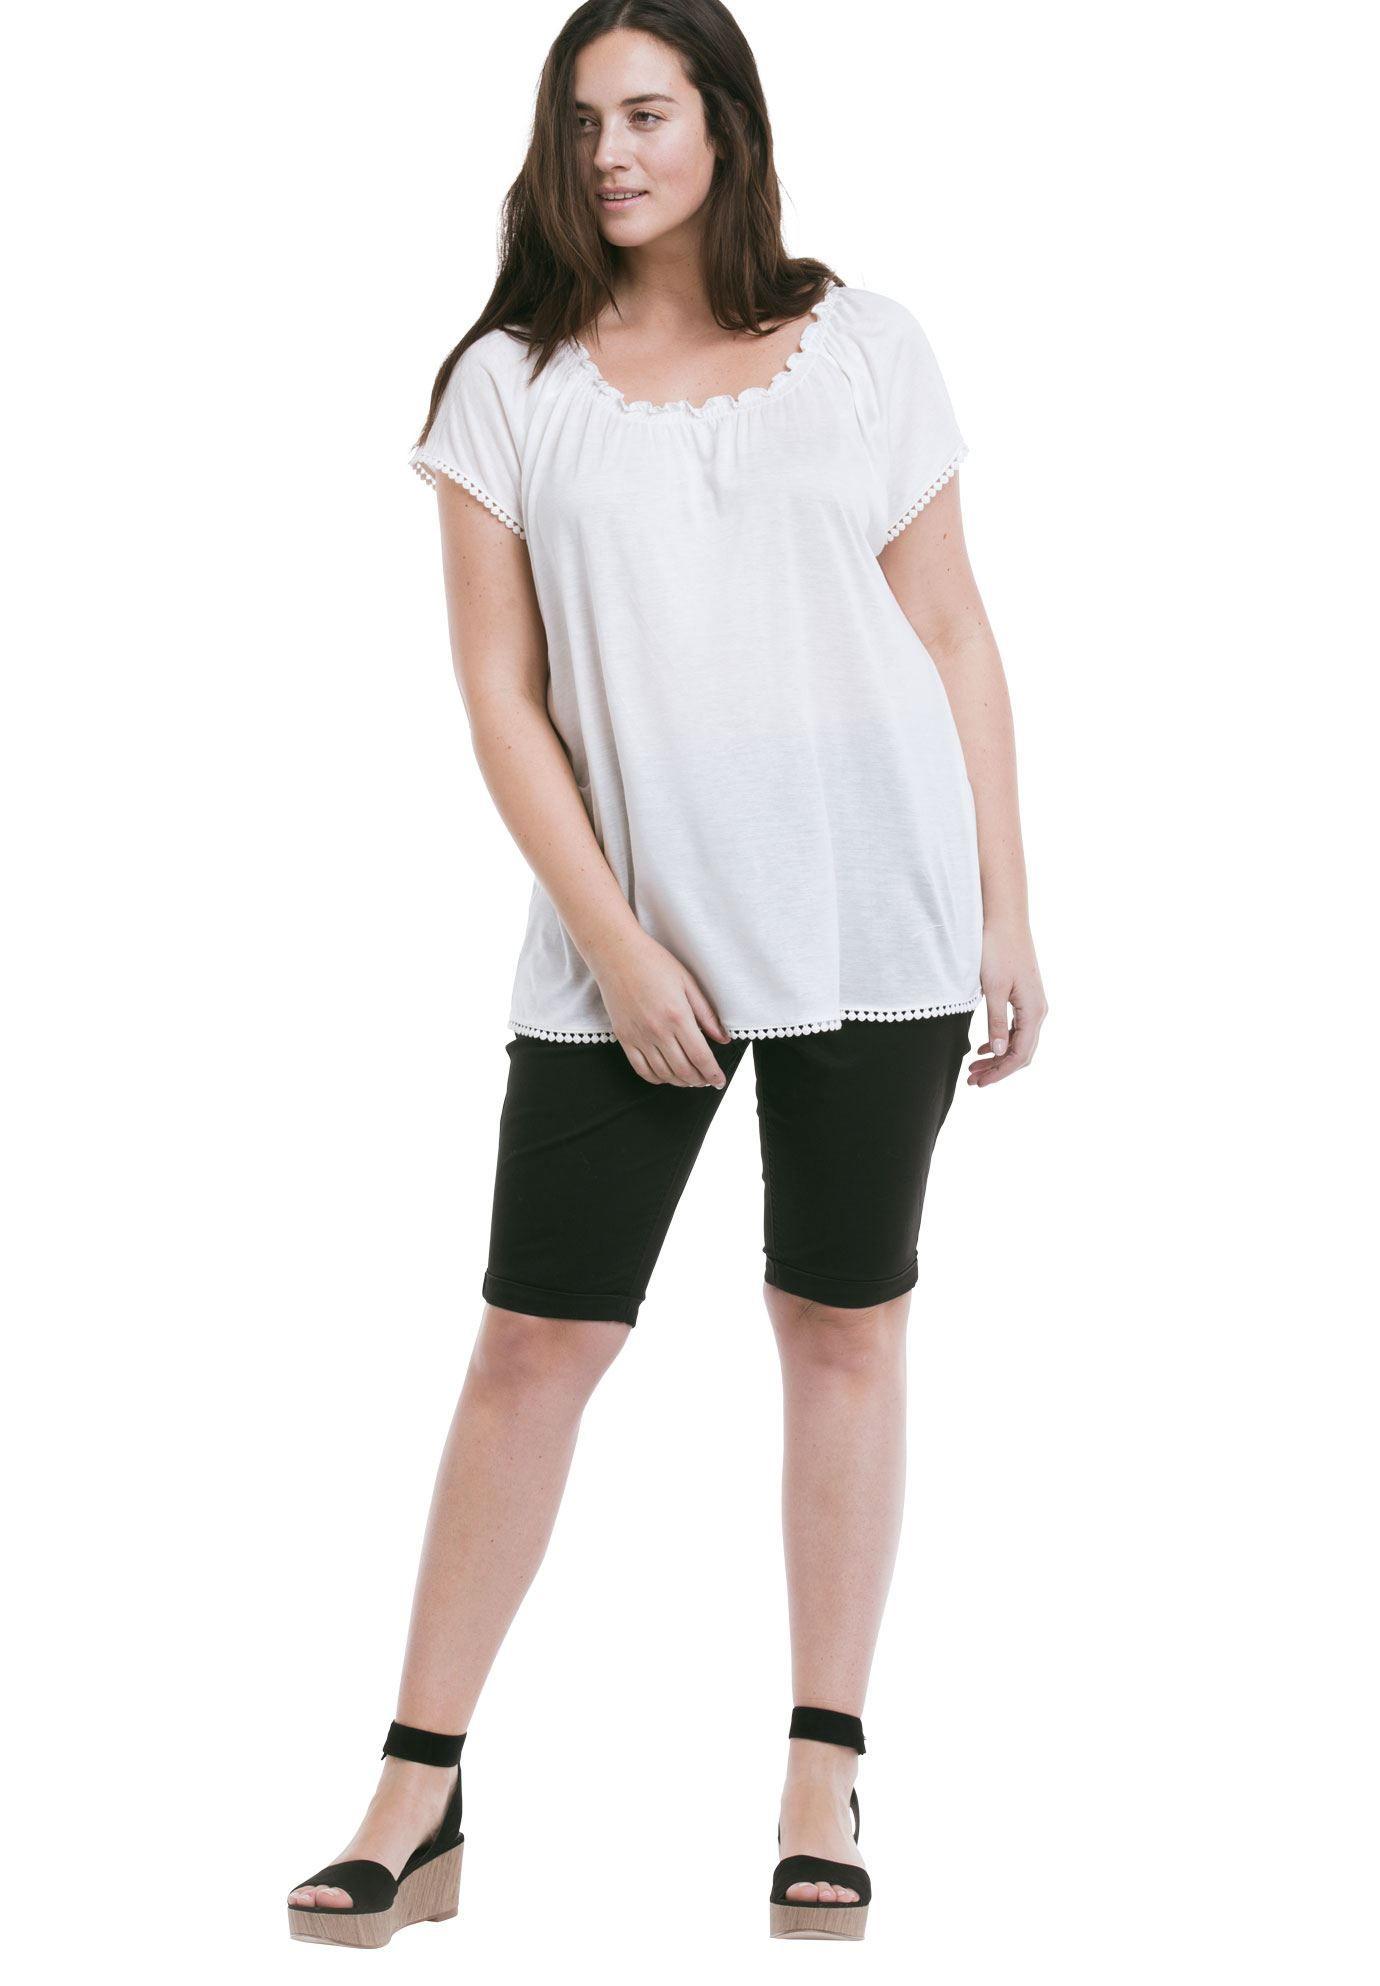 f6ada7bafb0 Twill Bike Shorts by Ellos - Women s Plus Size Clothing